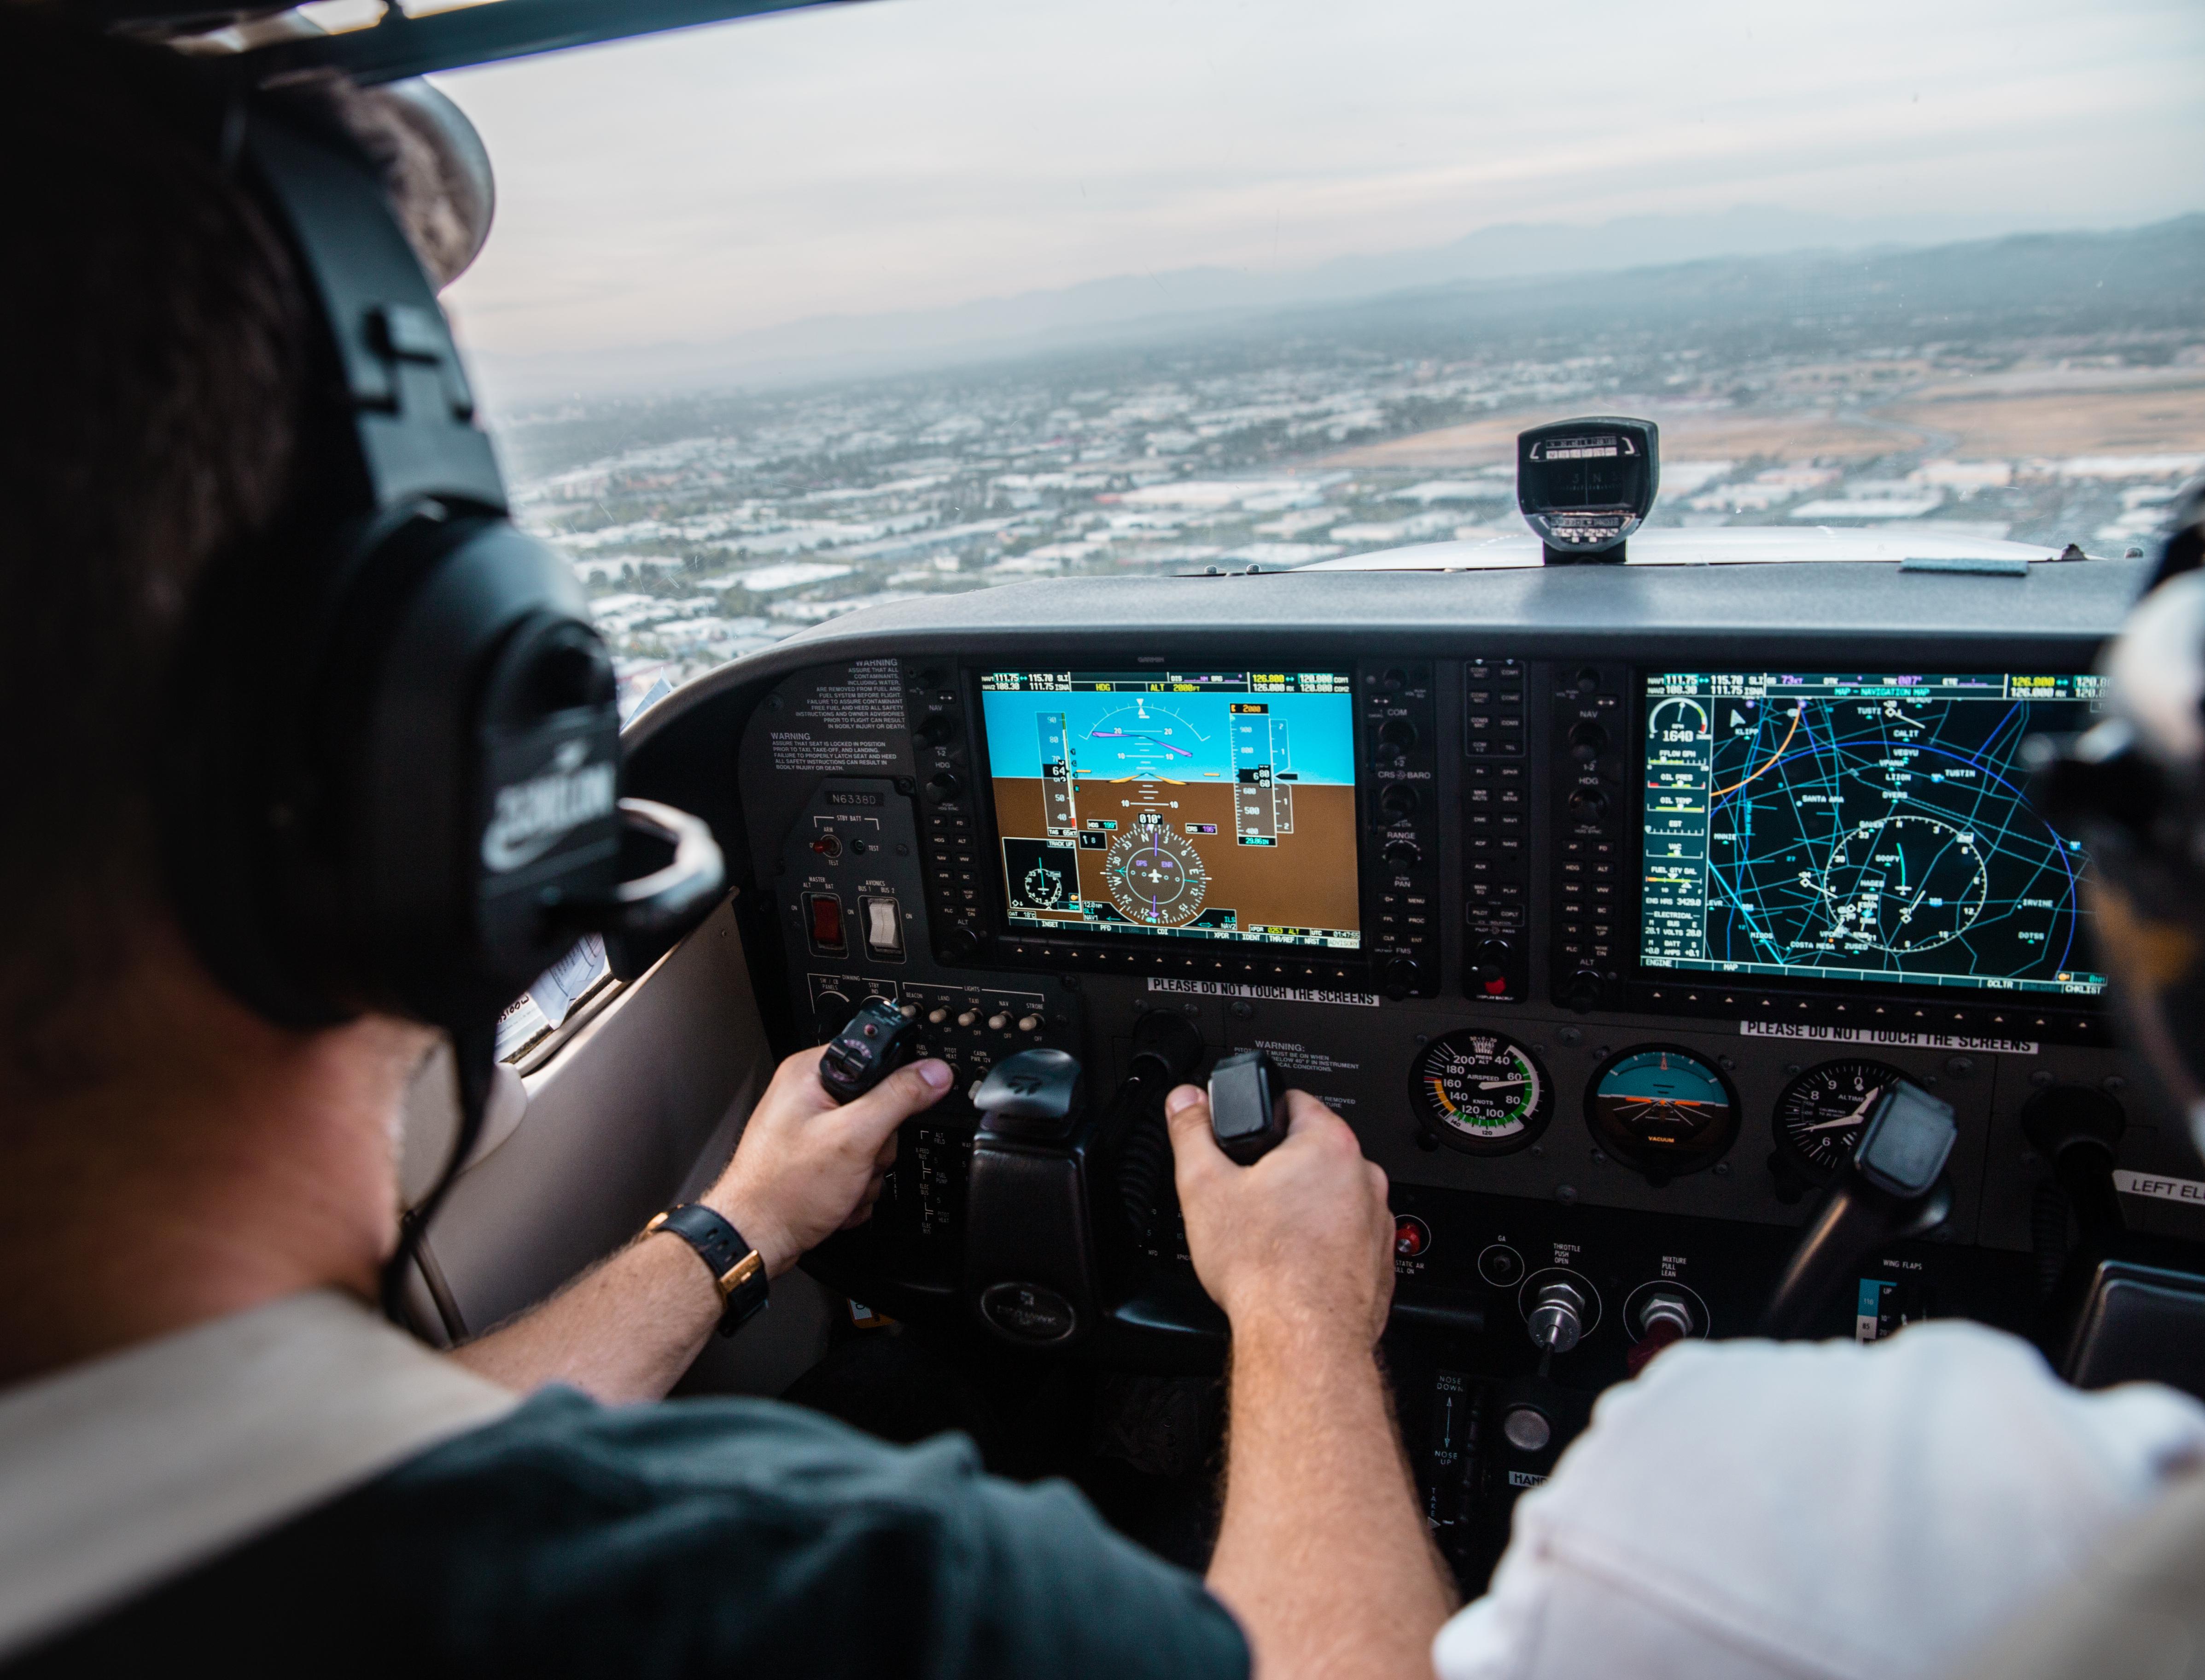 Gambar Orang Pesawat Terbang Perusahaan Penerbangan Profesional